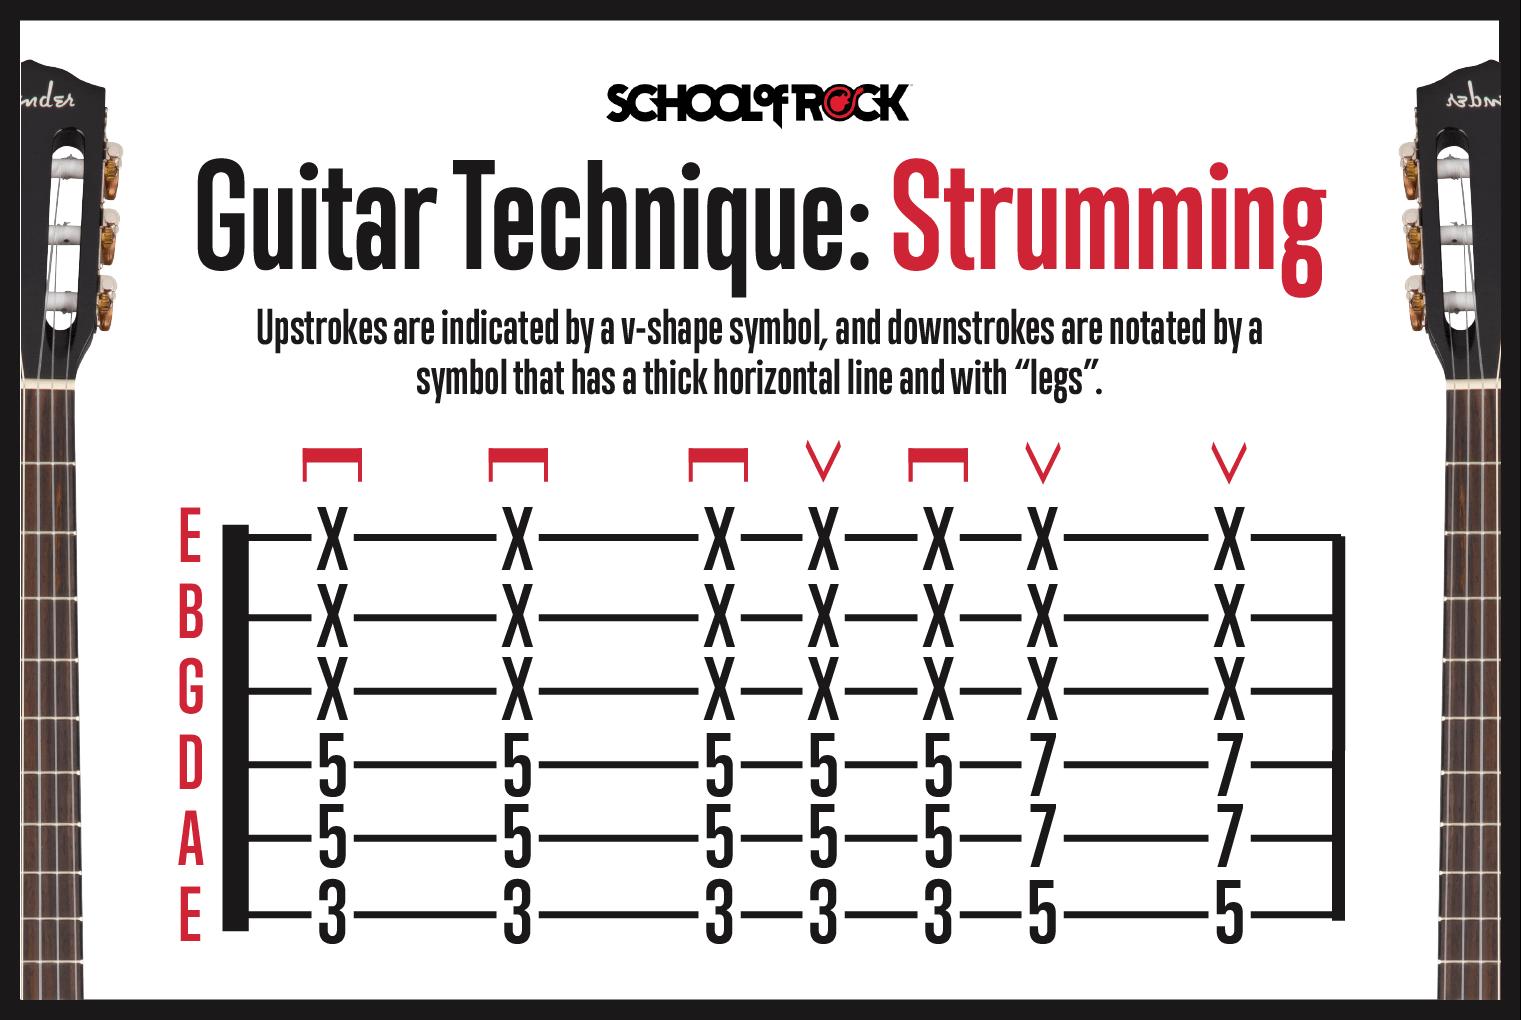 Guitar technique strumming